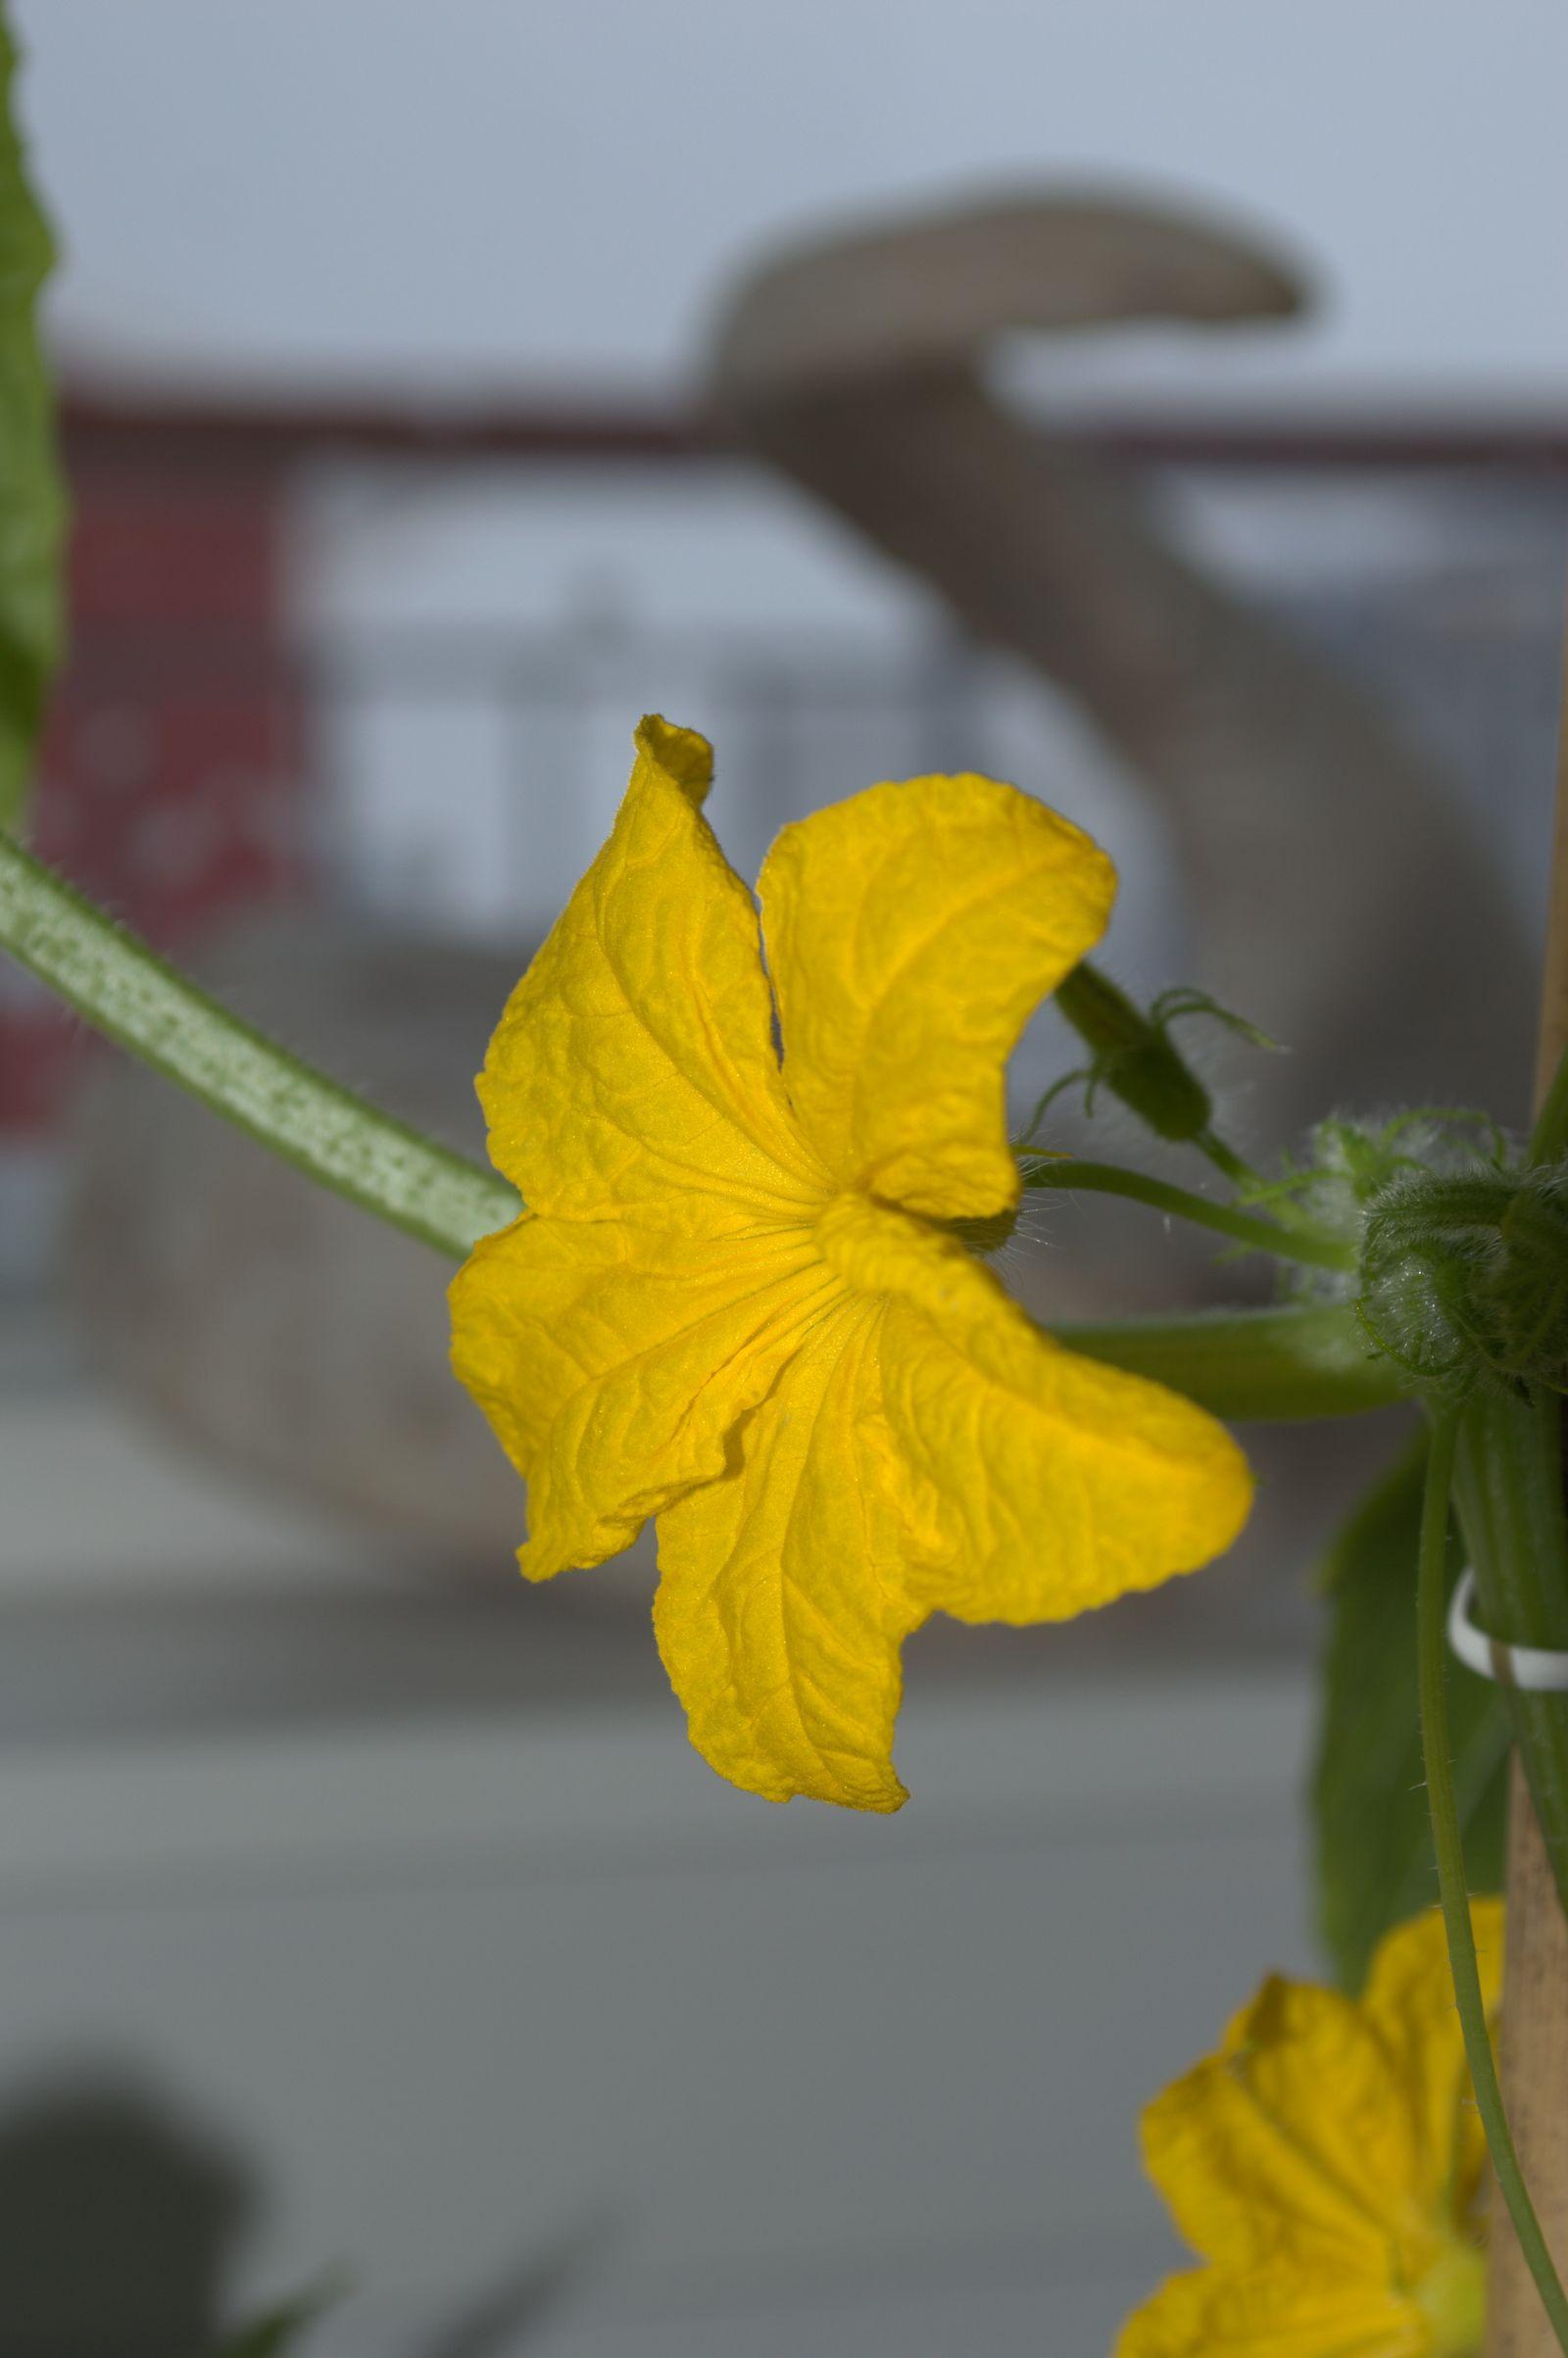 2014-04-11-0843_-_Agurkeplante_Planter_4